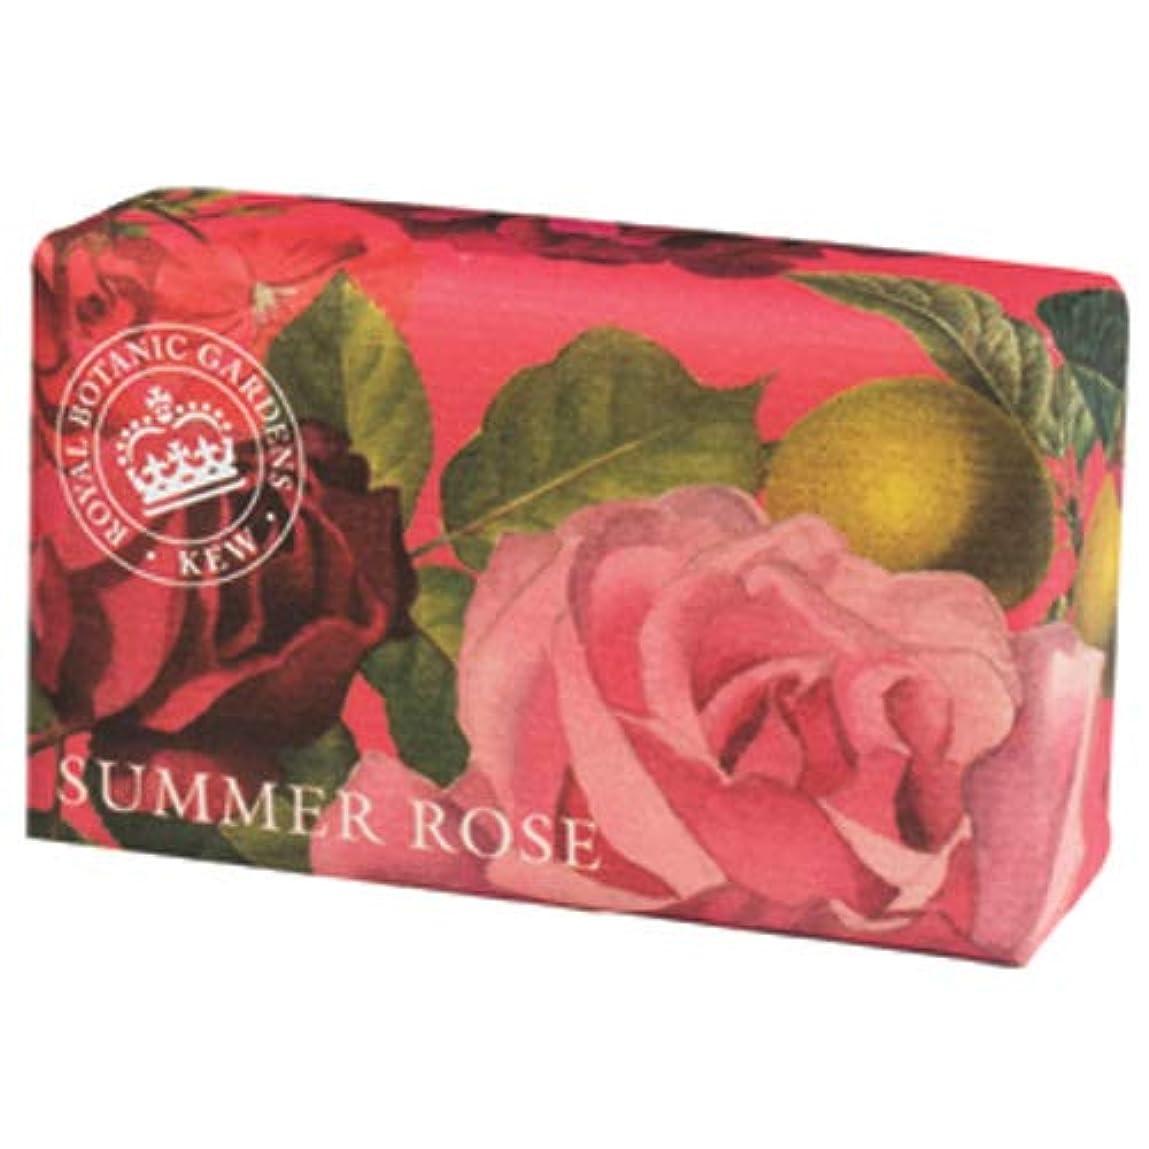 ピニオン速いモスク三和トレーディング English Soap Company イングリッシュソープカンパニー KEW GARDEN キュー?ガーデン Luxury Shea Soaps シアソープ Summer Rose サマーローズ